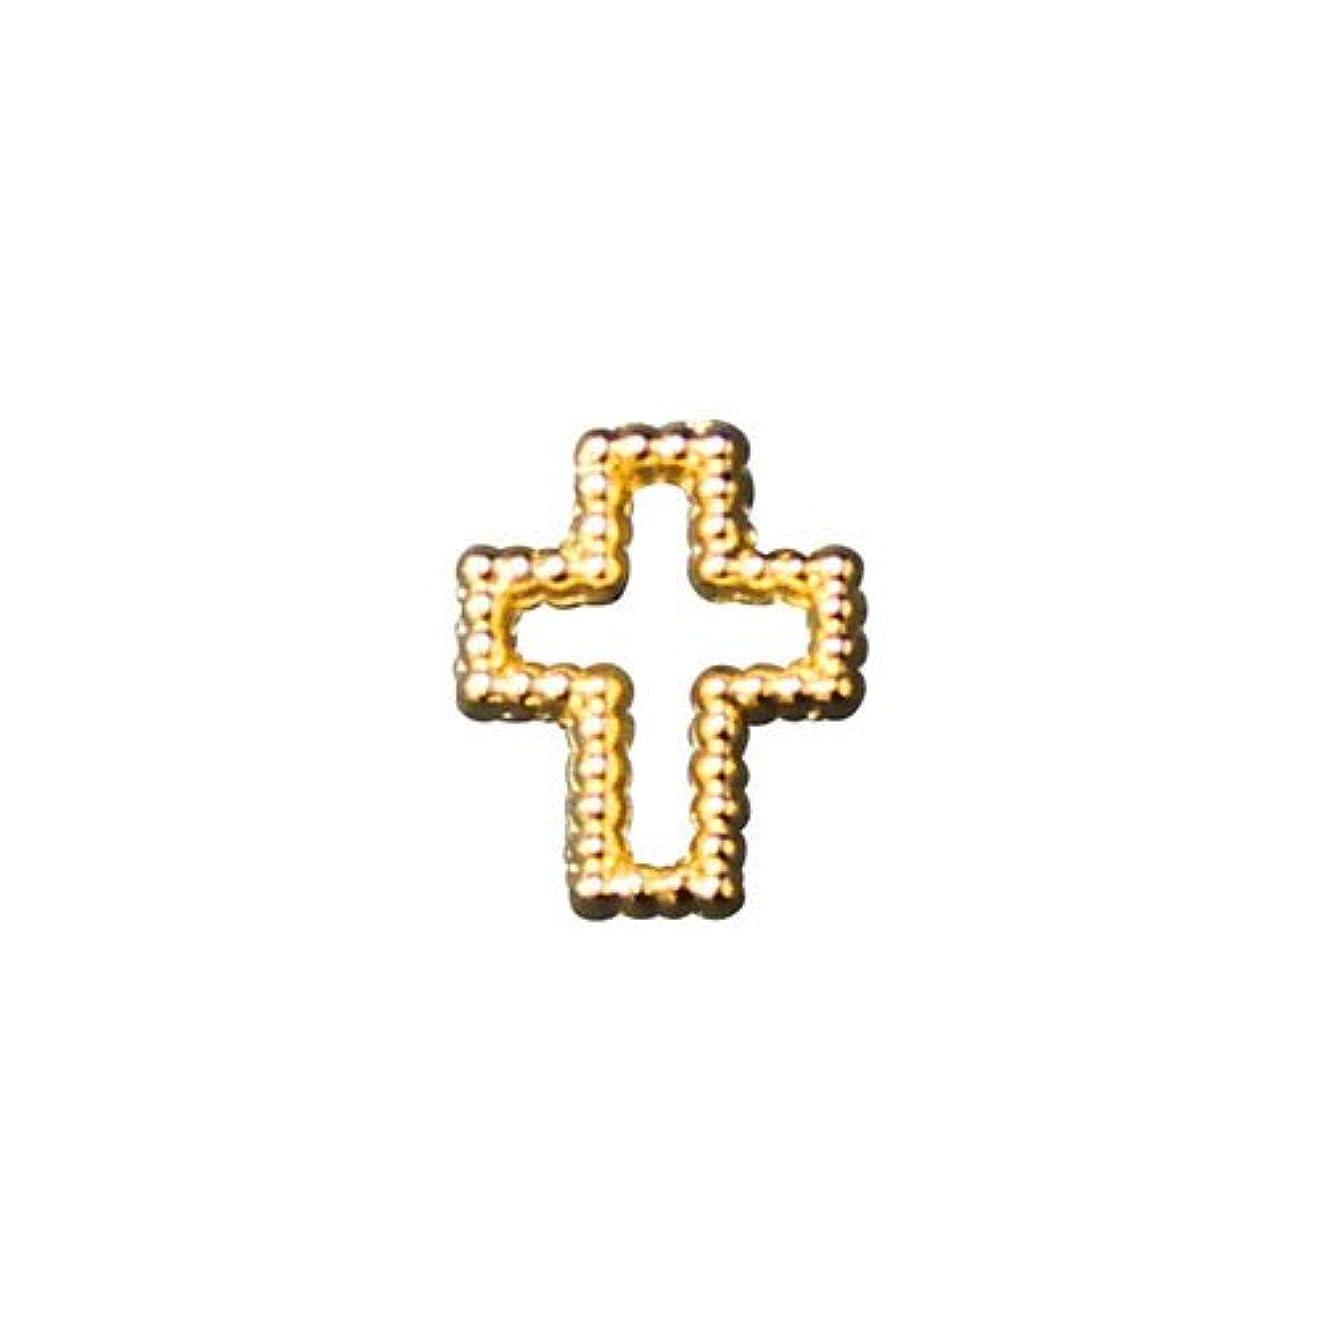 ポール極端な病弱プリティーネイル ネイルアートパーツ ブリオンクロス2 M ゴールド 12個